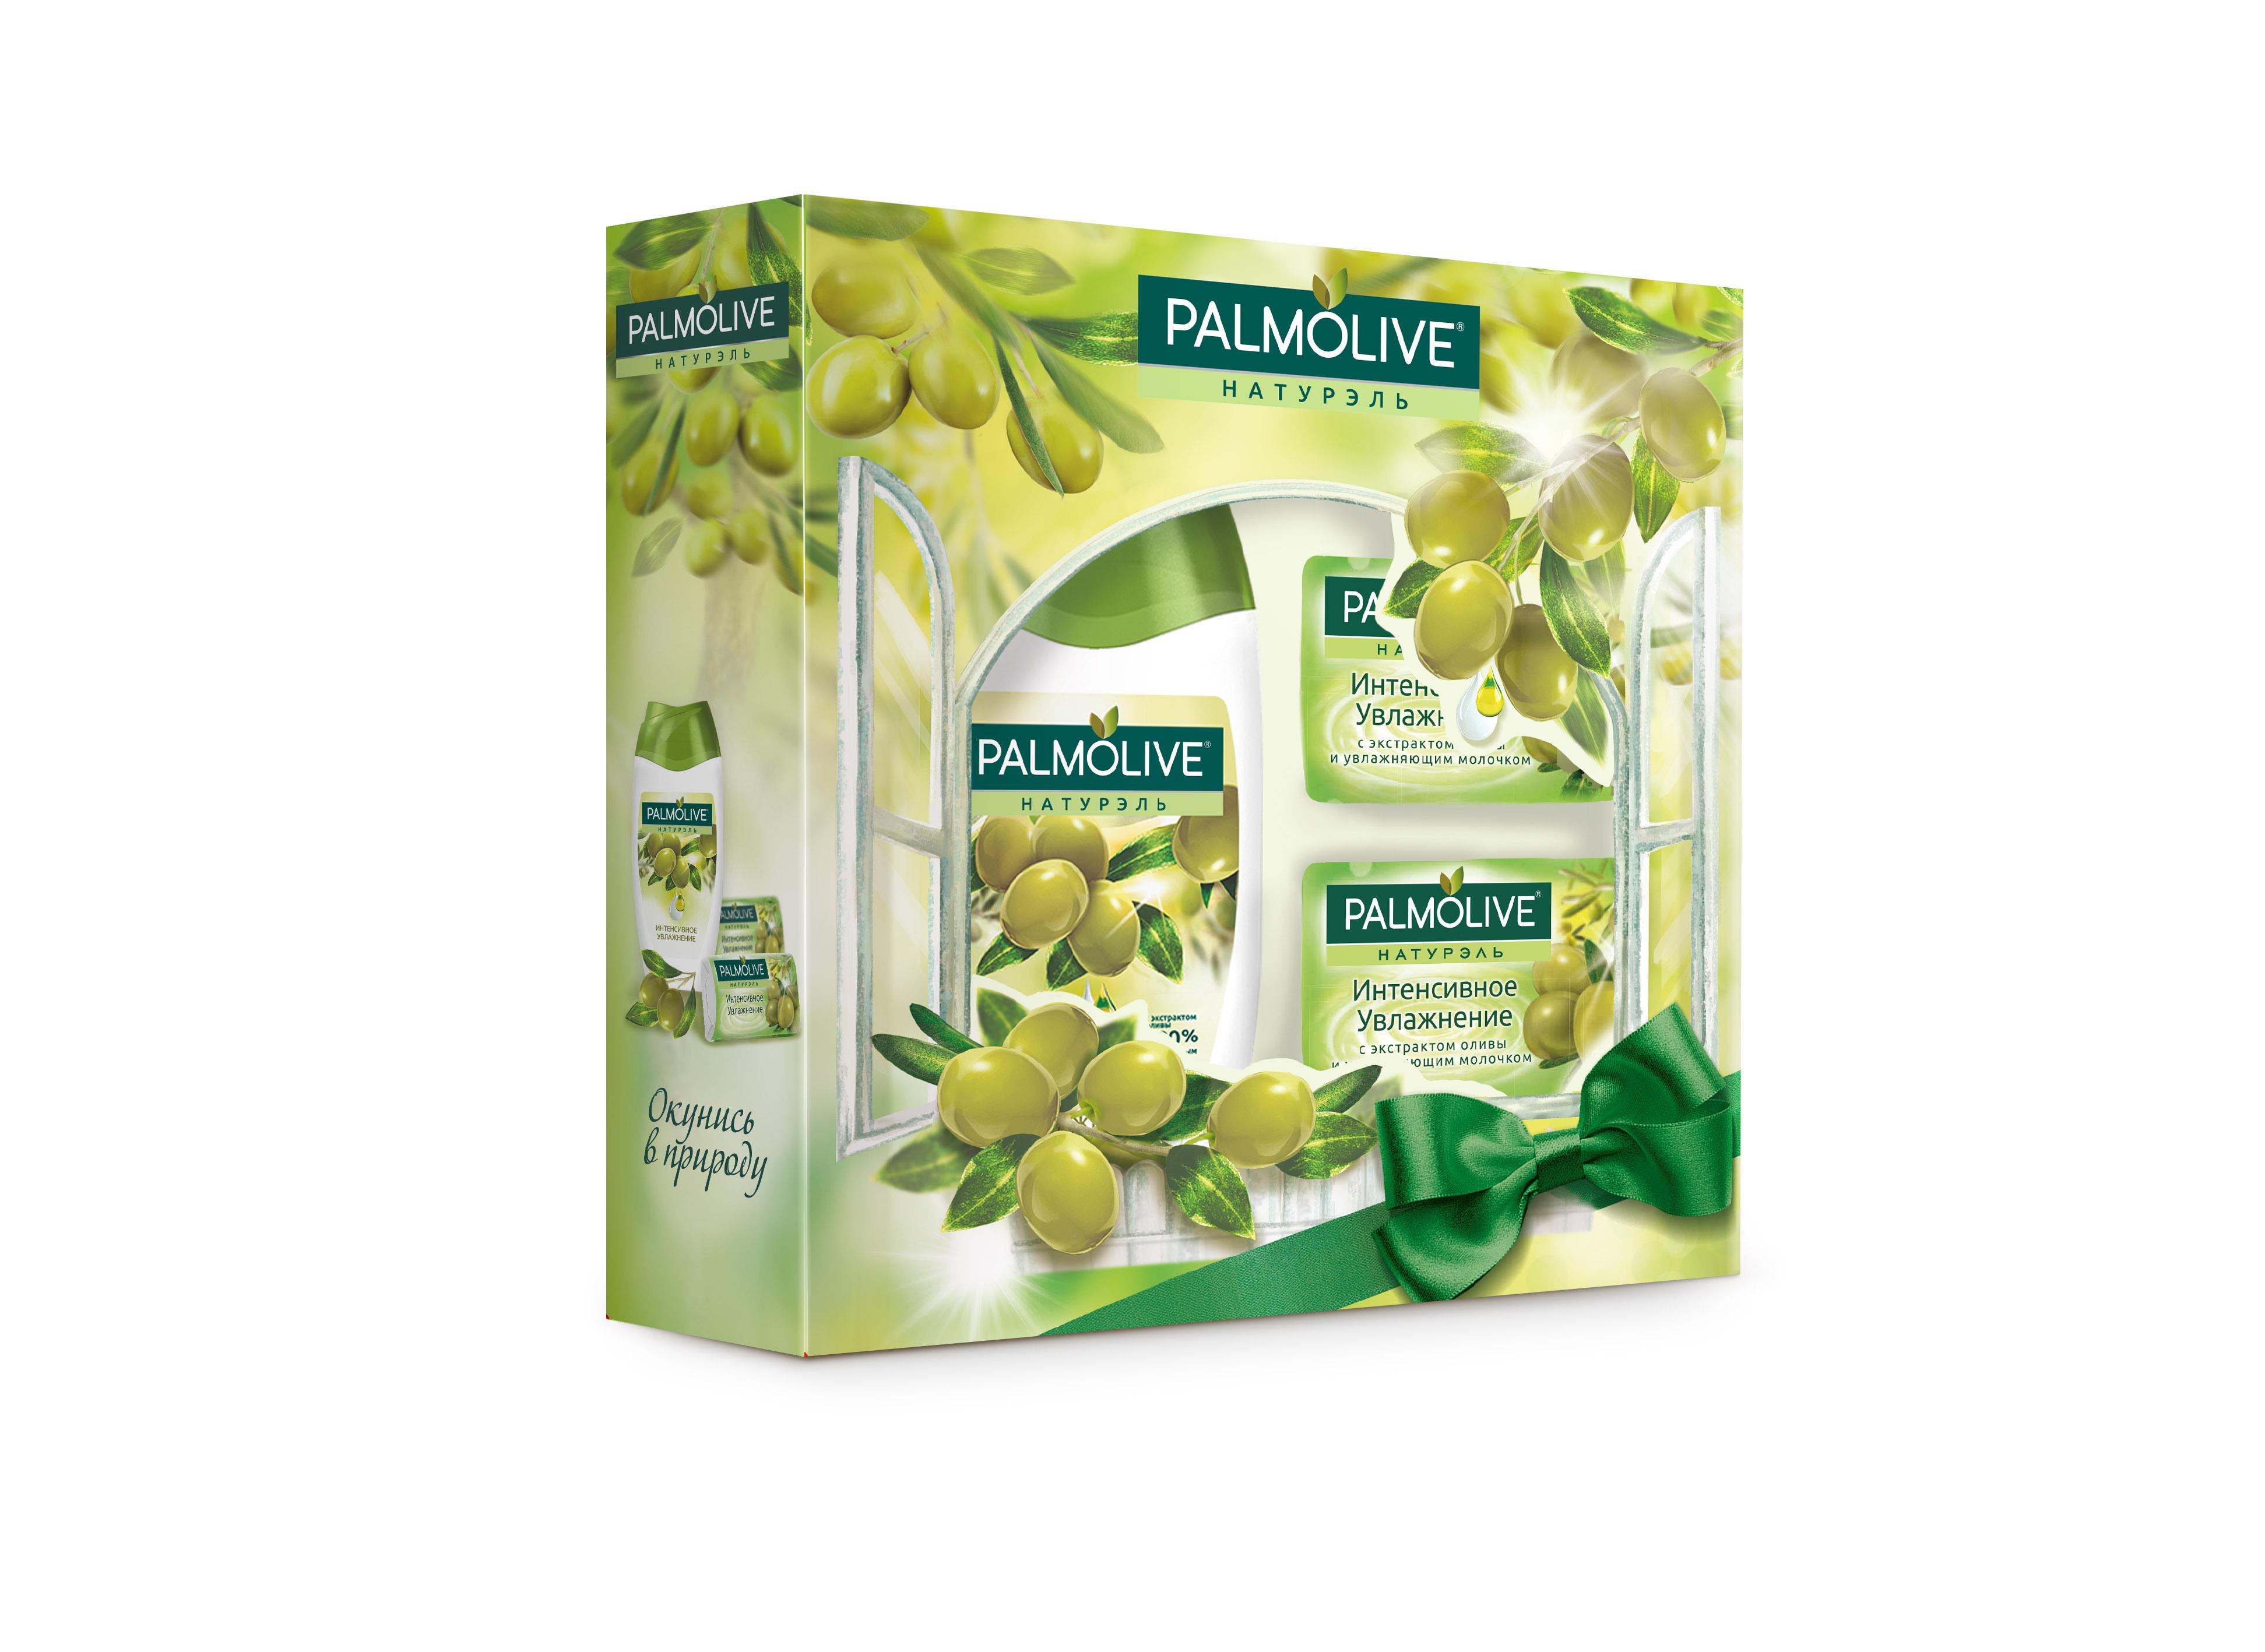 Подарочный набор Palmolive Натурэль Интенсивное Увлажнение с экстрактом оливы04135396114Гель для душа Олива 250мл - 1шт, кусковое мыло Олива 2шт - 2шт в коробке